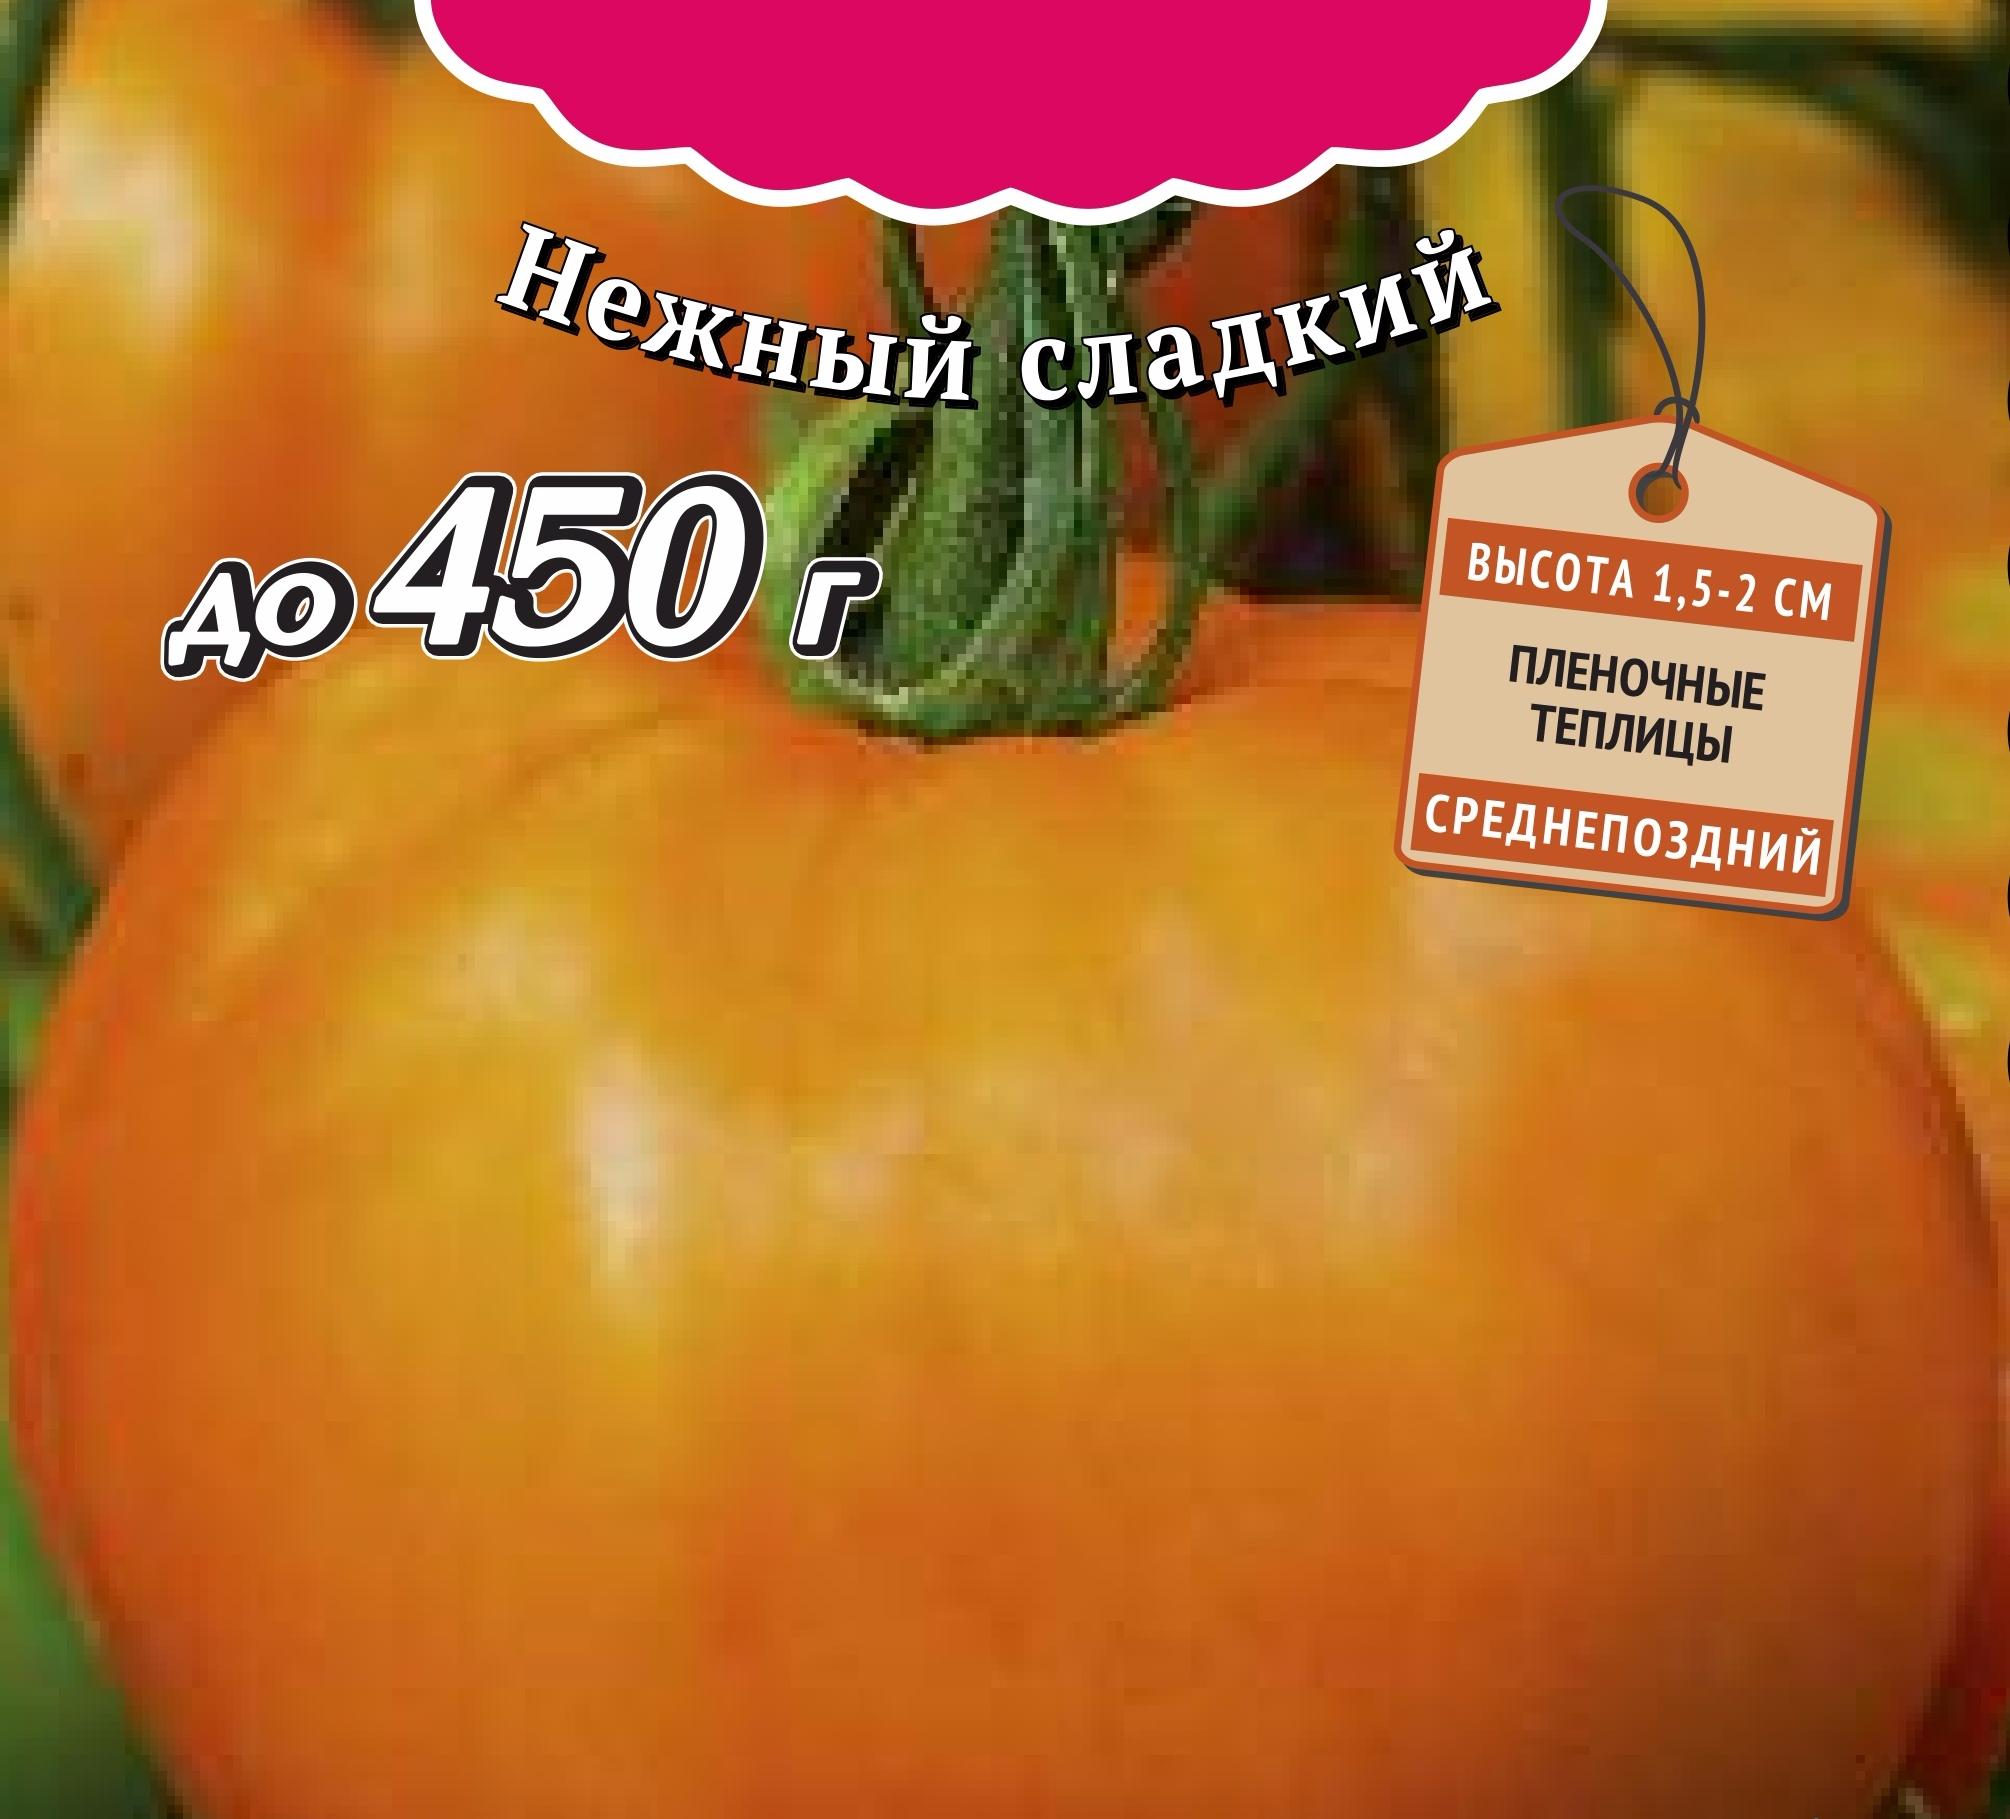 Томат медовый: отзывы, фото, описание сорта и характеристика | tomatland.ru